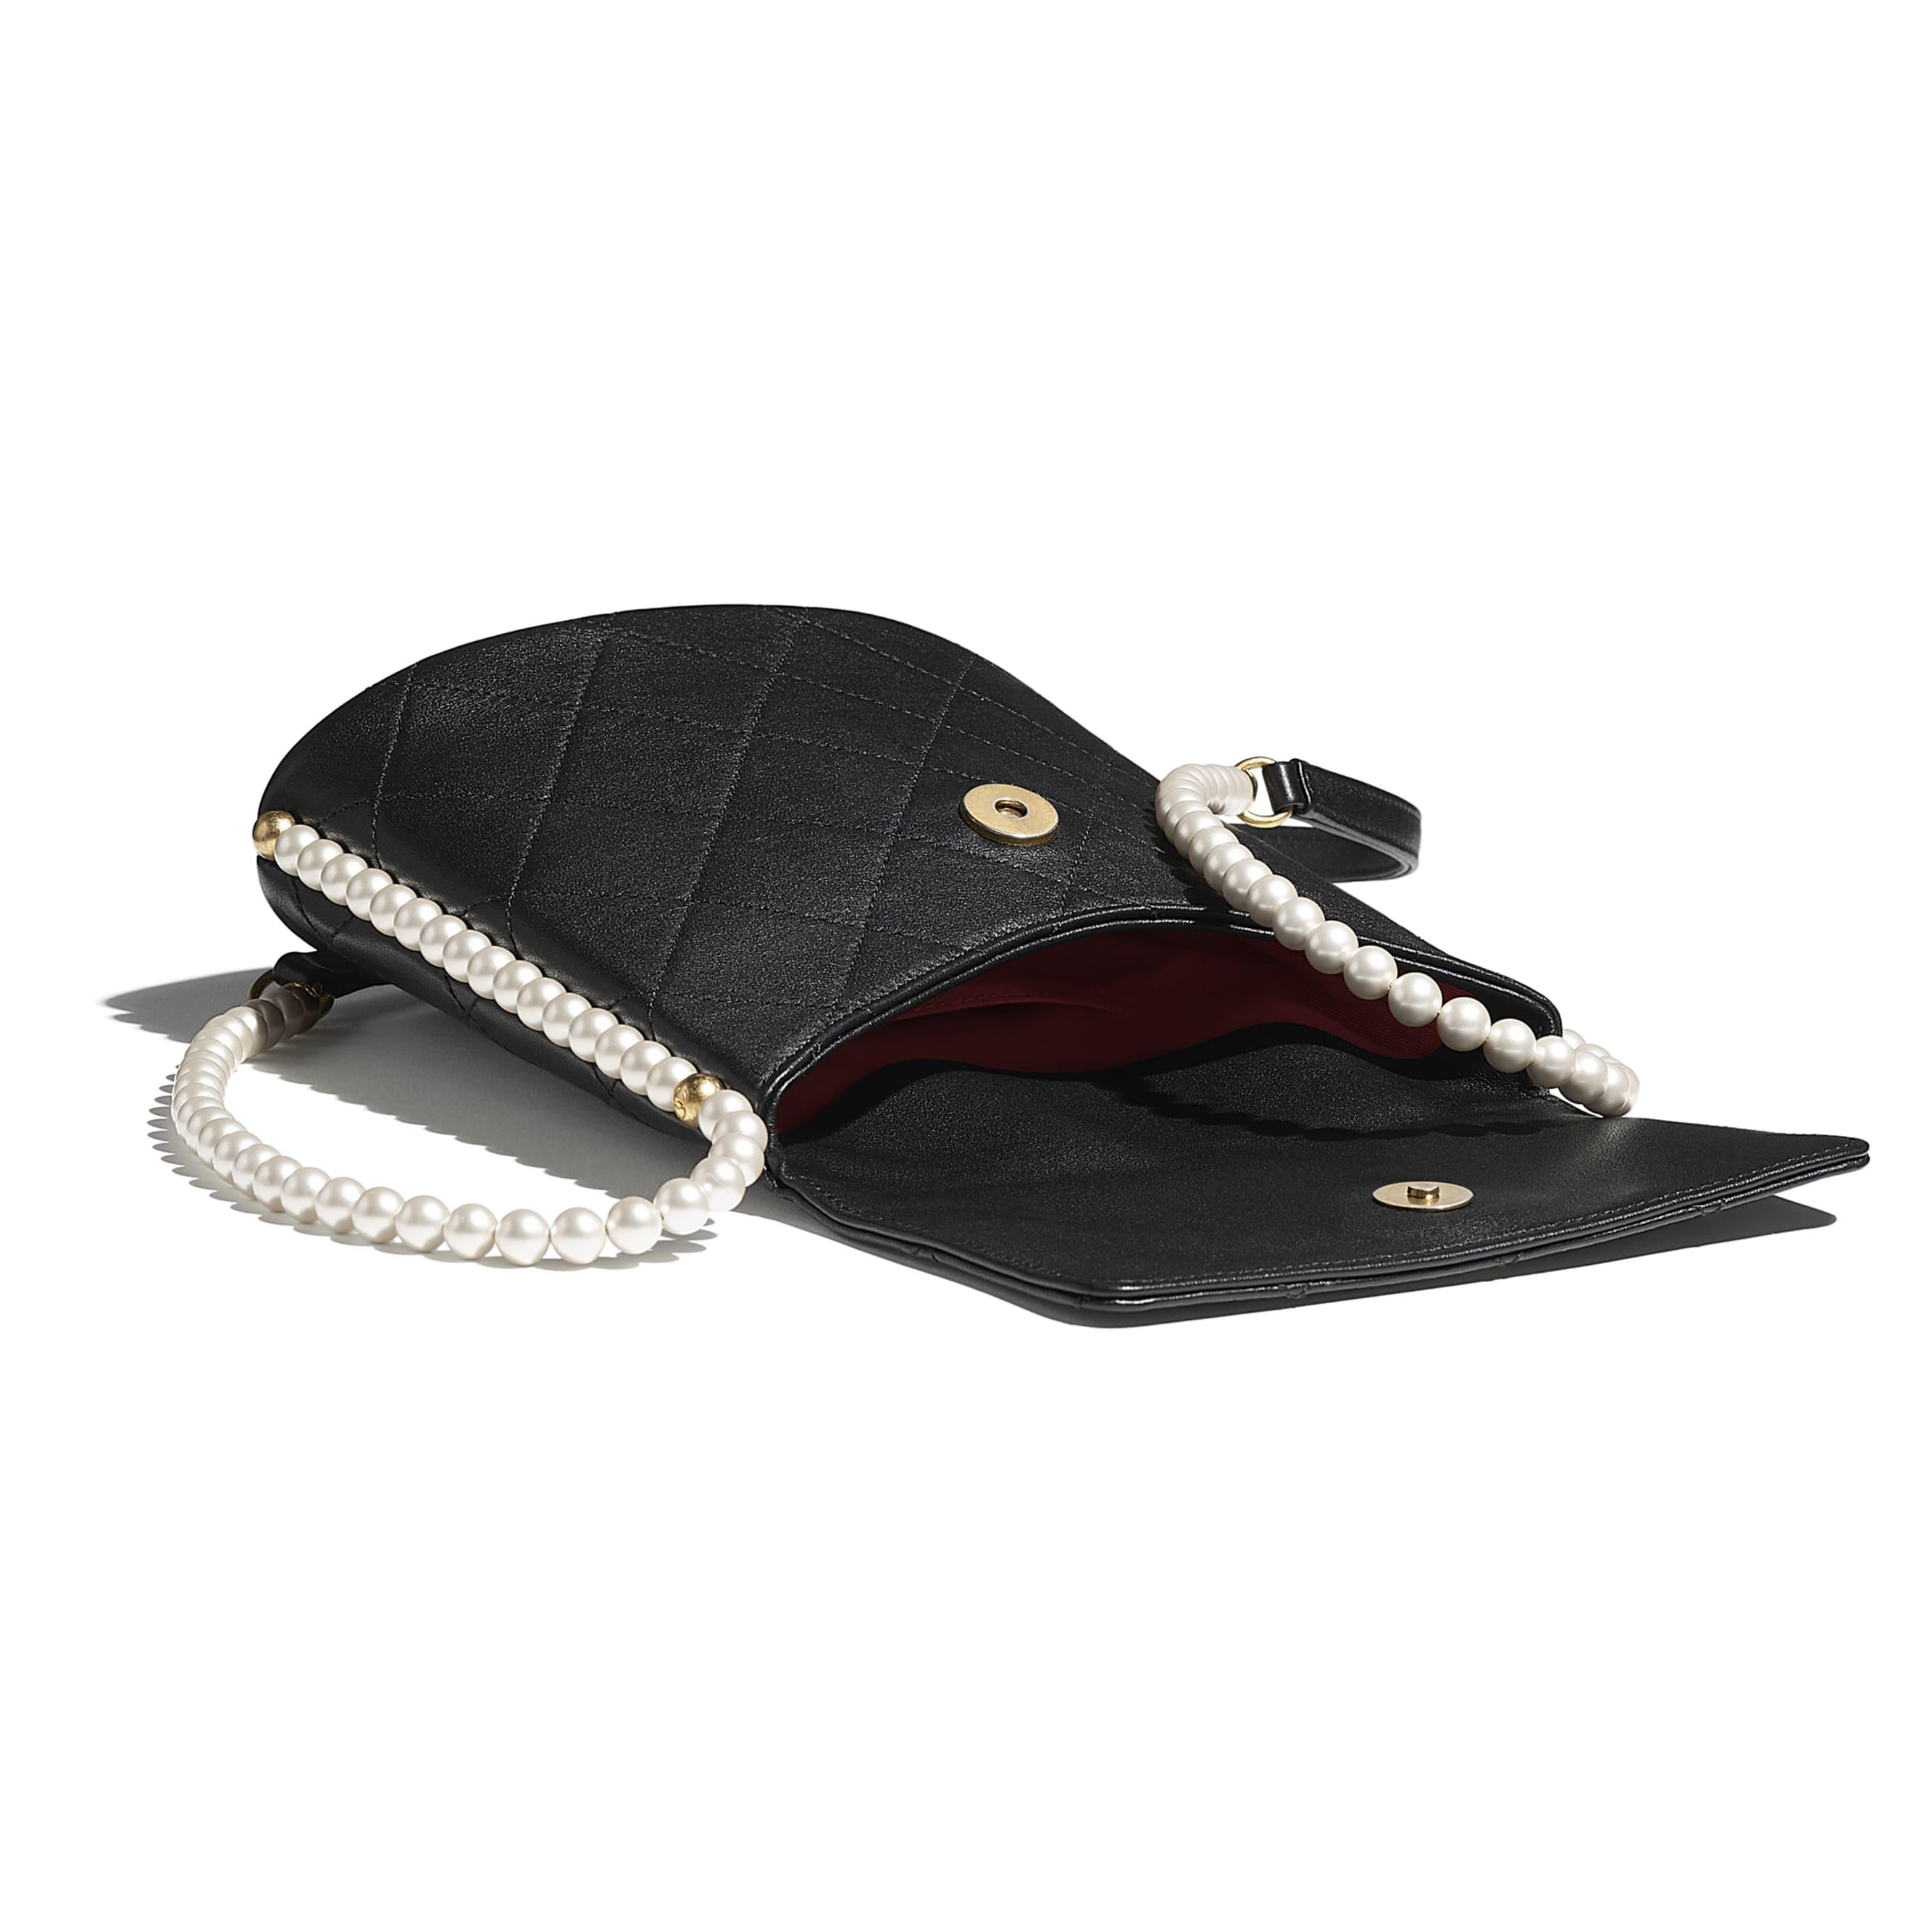 Kleine Hobo-Tasche - Schwarz - Kalbsleder, Modeschmuckperlen & goldfarbenes Metall - CHANEL - Weitere Ansicht - Standardgröße anzeigen